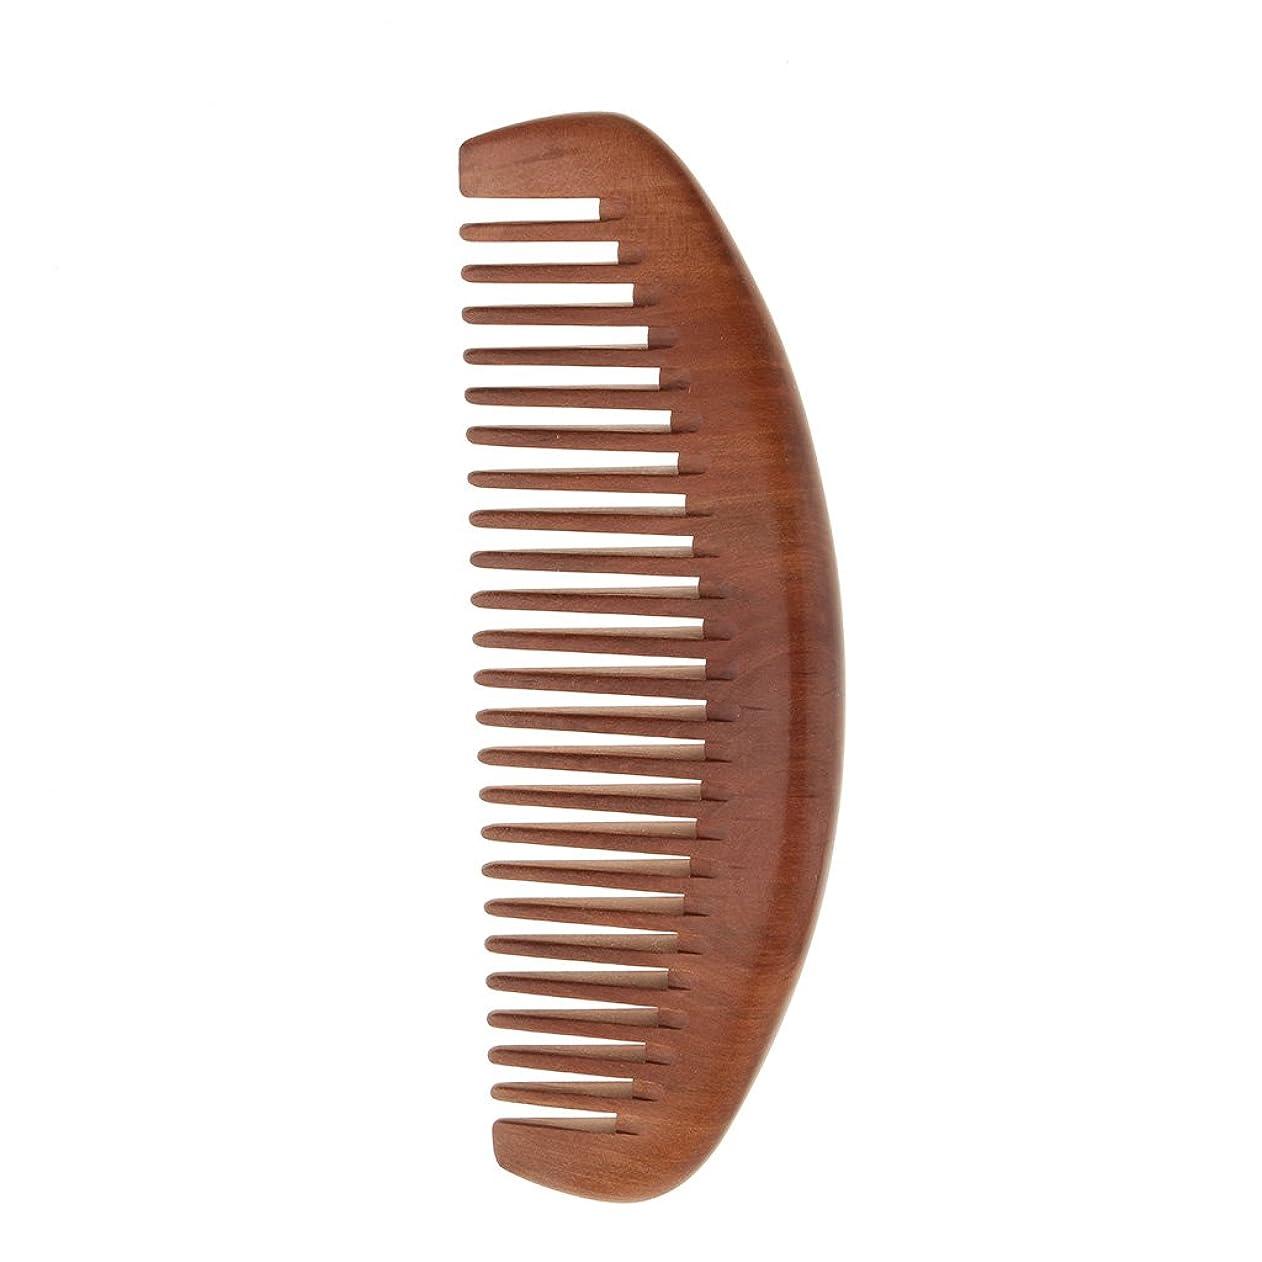 ペルメル誇張教養がある櫛 セットコーム 木製 ヘアコーム ヘアケア 頭皮マッサージ 静電気防止 桃の木 全2種類 - ワイド歯